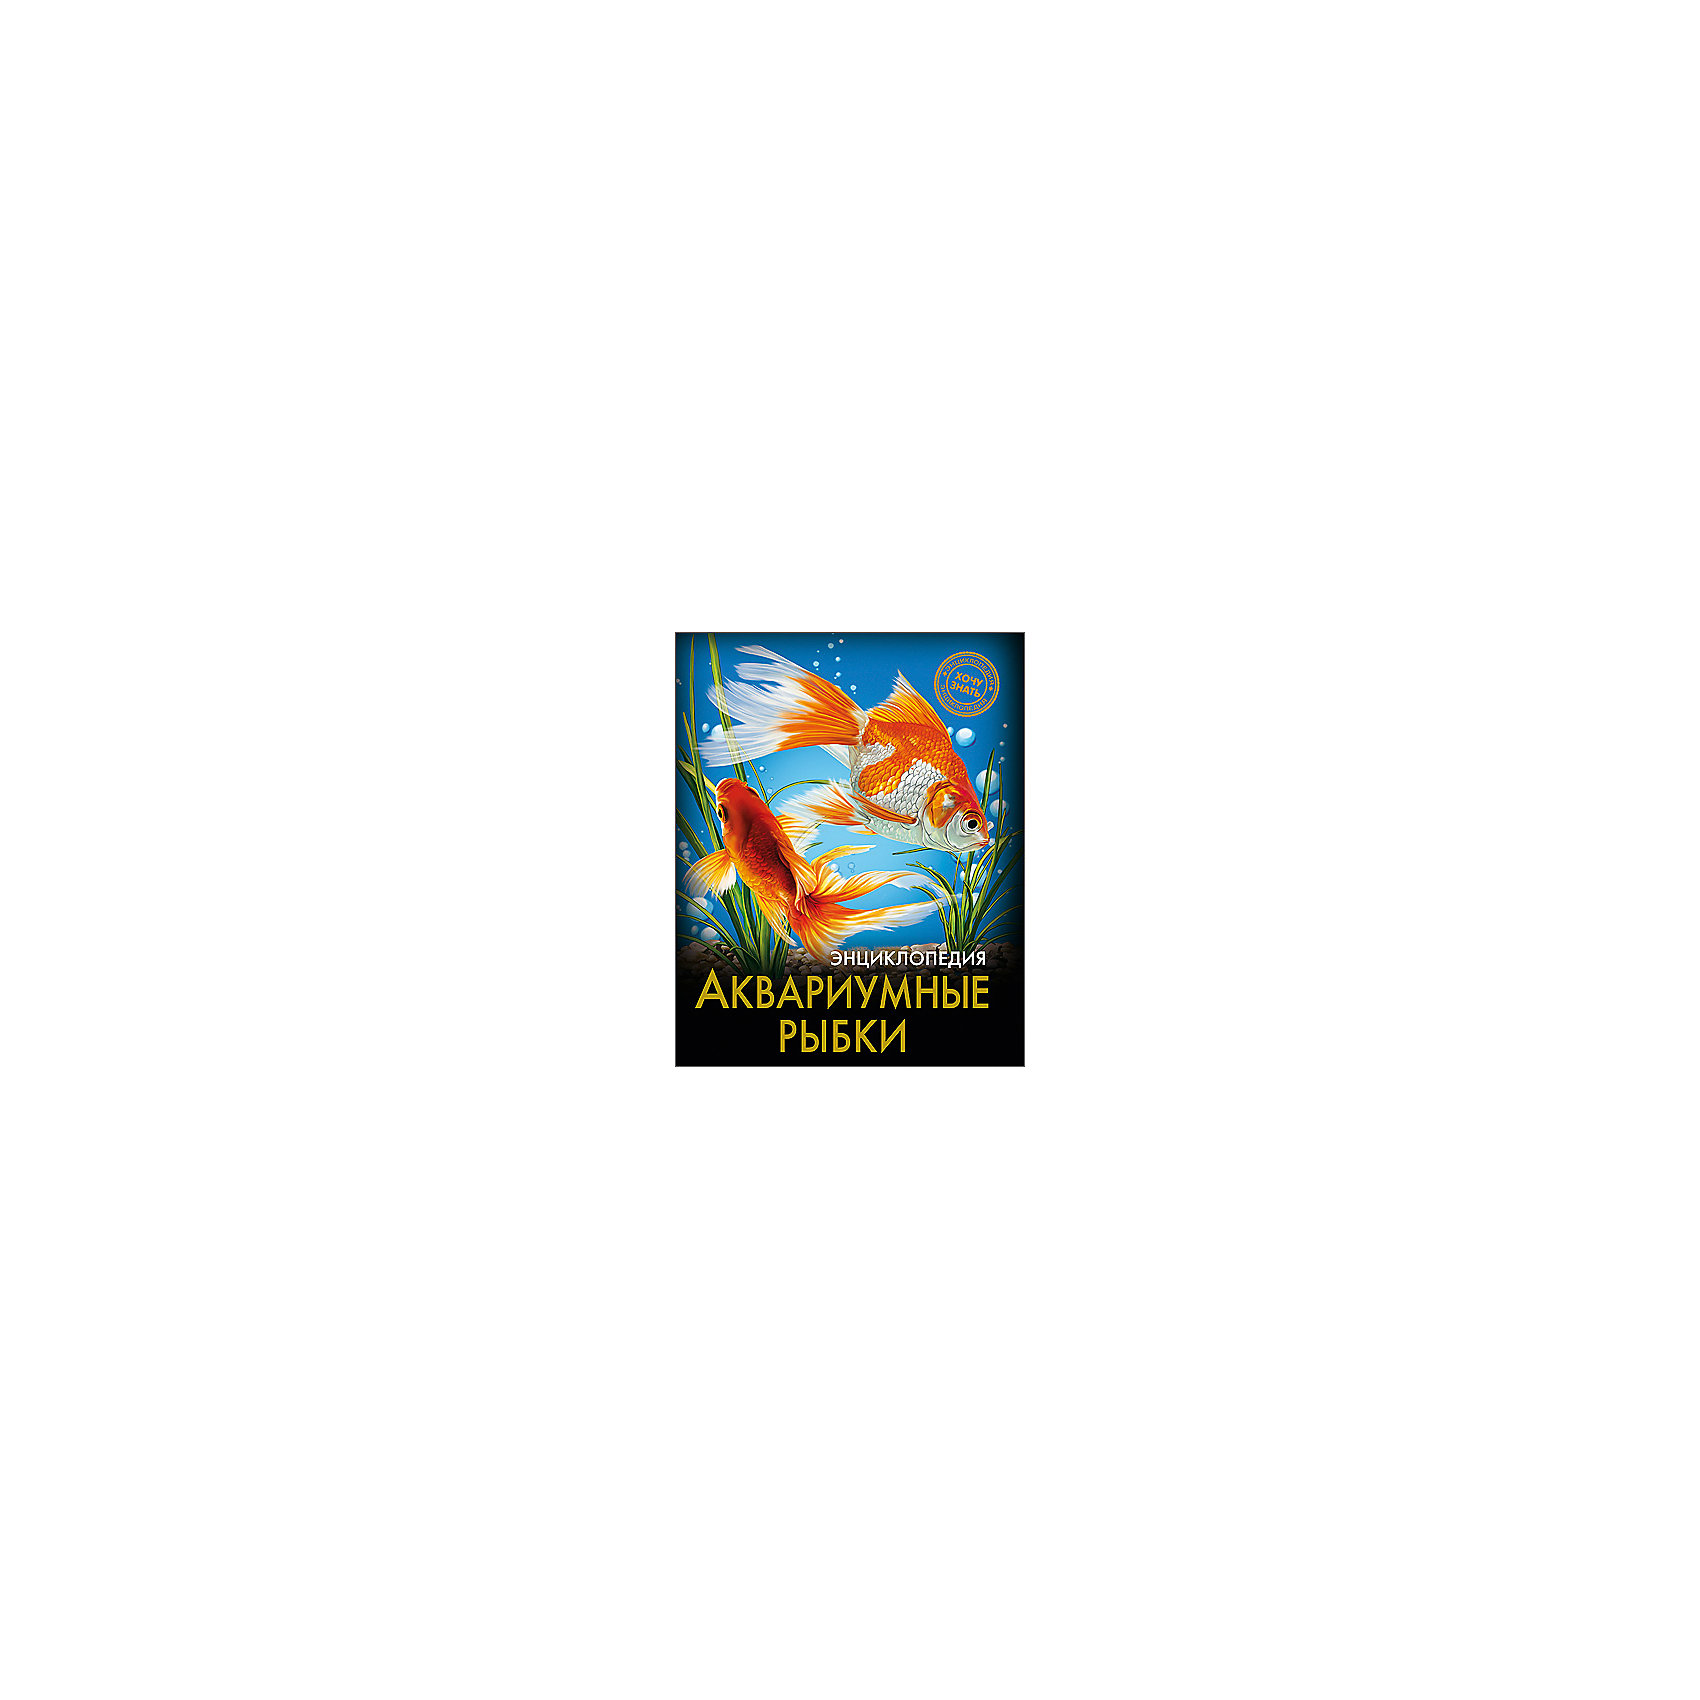 Проф-Пресс Энциклопедия Аквариумные рыбки интернет магазин рыбки в аквариуме